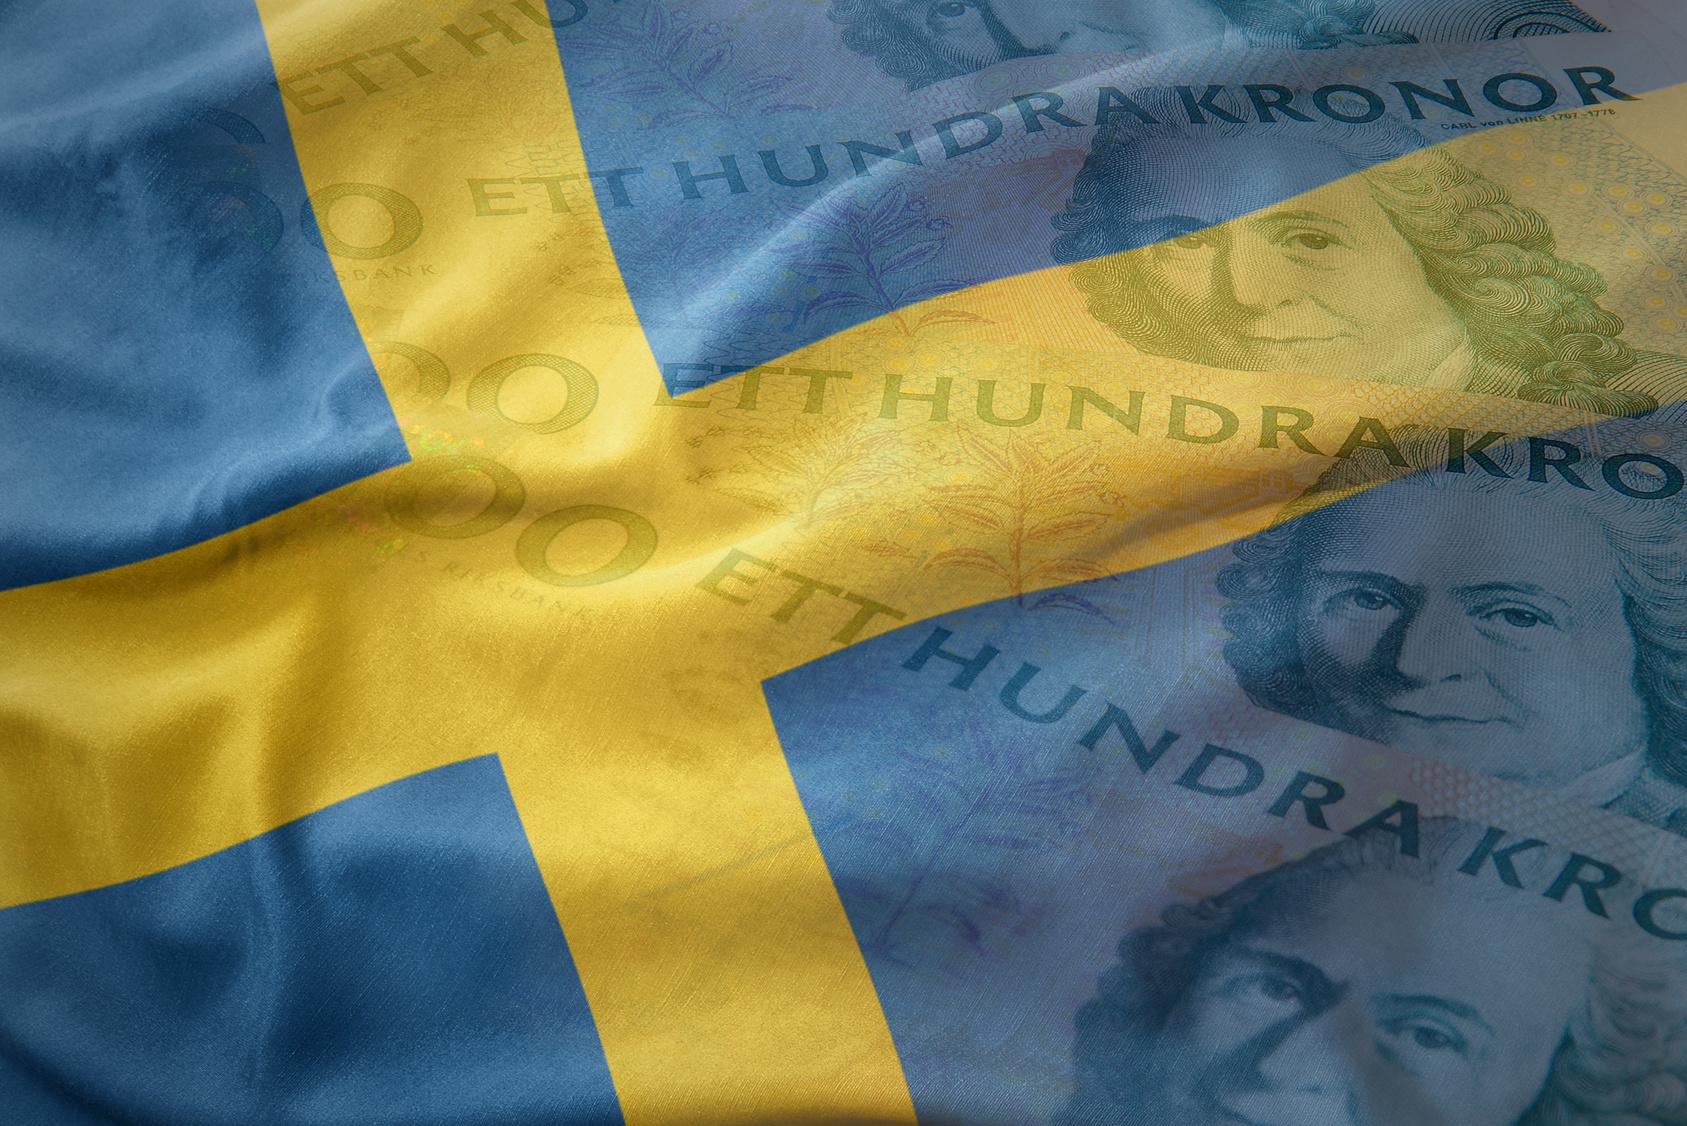 Szwecja, flaga Szwecji, korona szwedzka, SEK, Ekantor.pl